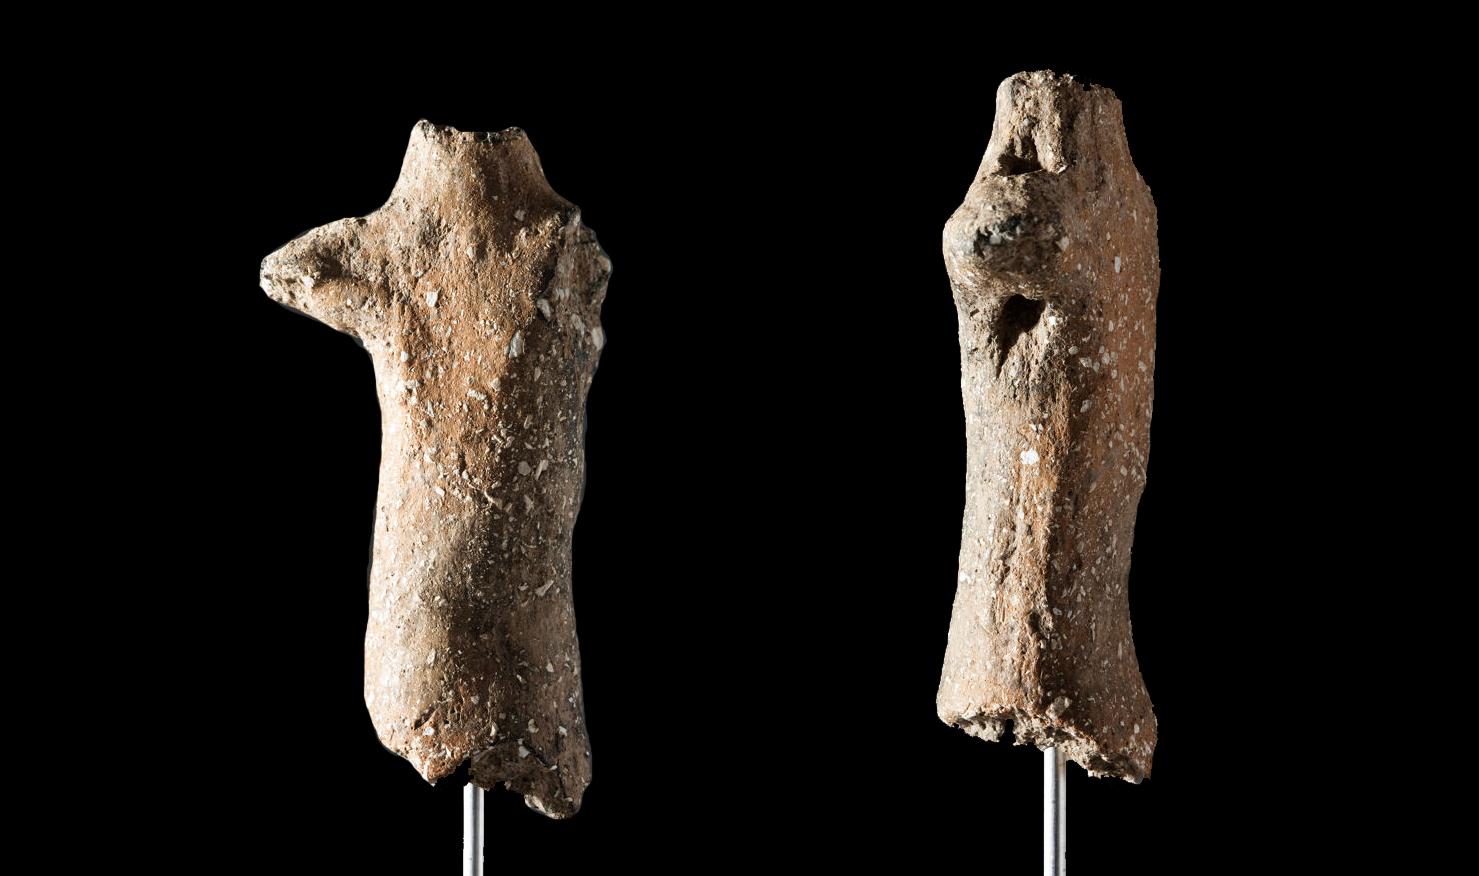 La figura del Encantat de Begues hallada en la cueva de Can Sadurní de Begues